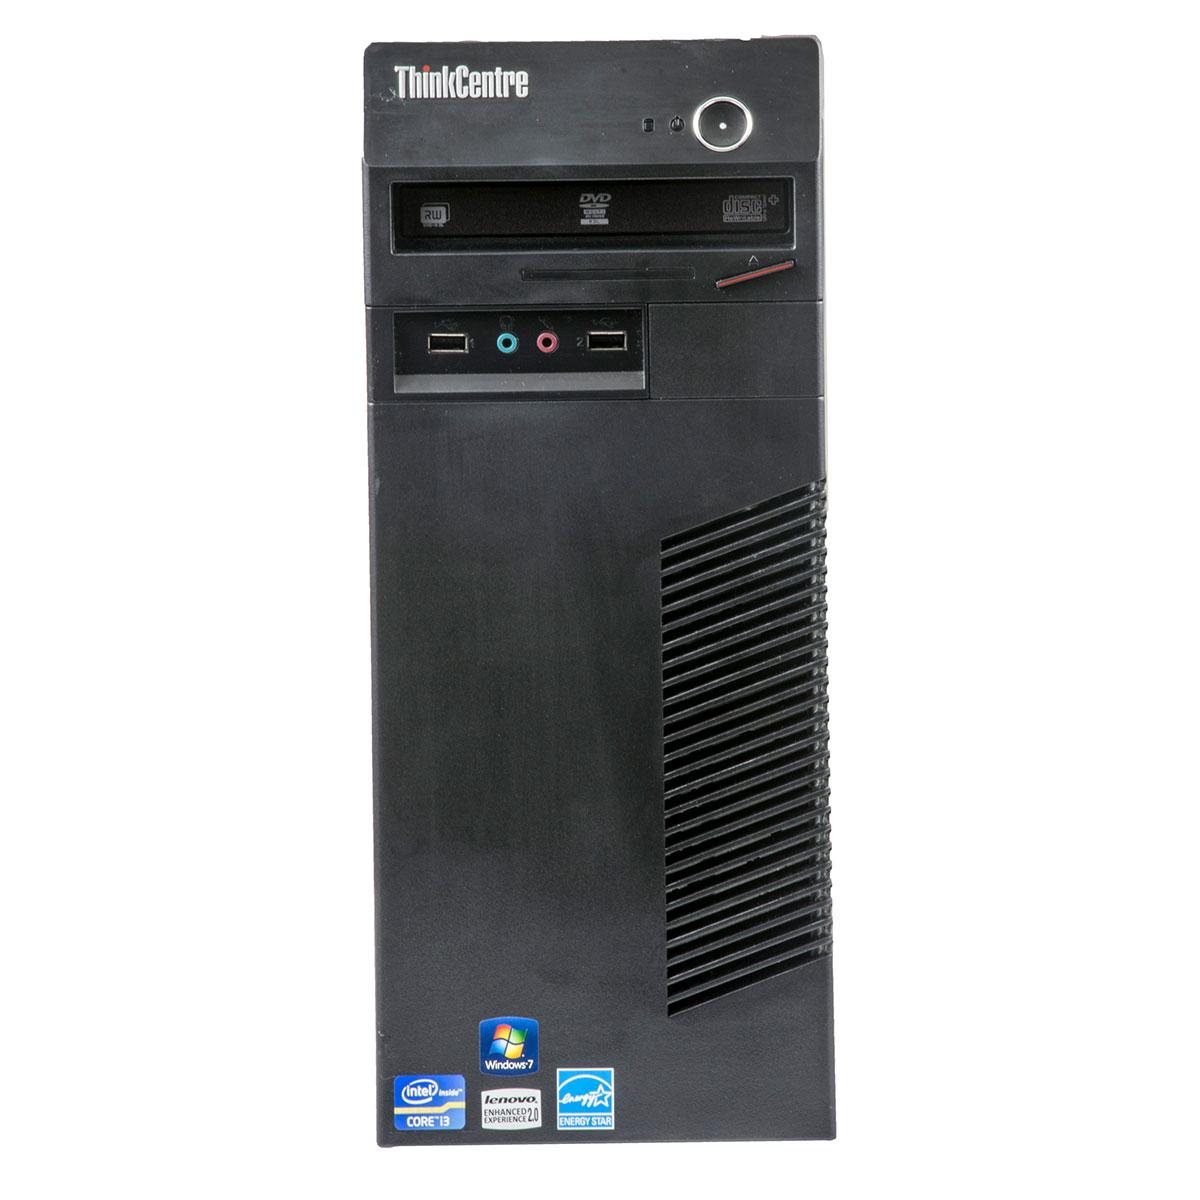 Lenovo Thinkcentre M72e Intel Core I5-3470 3.20 Gh